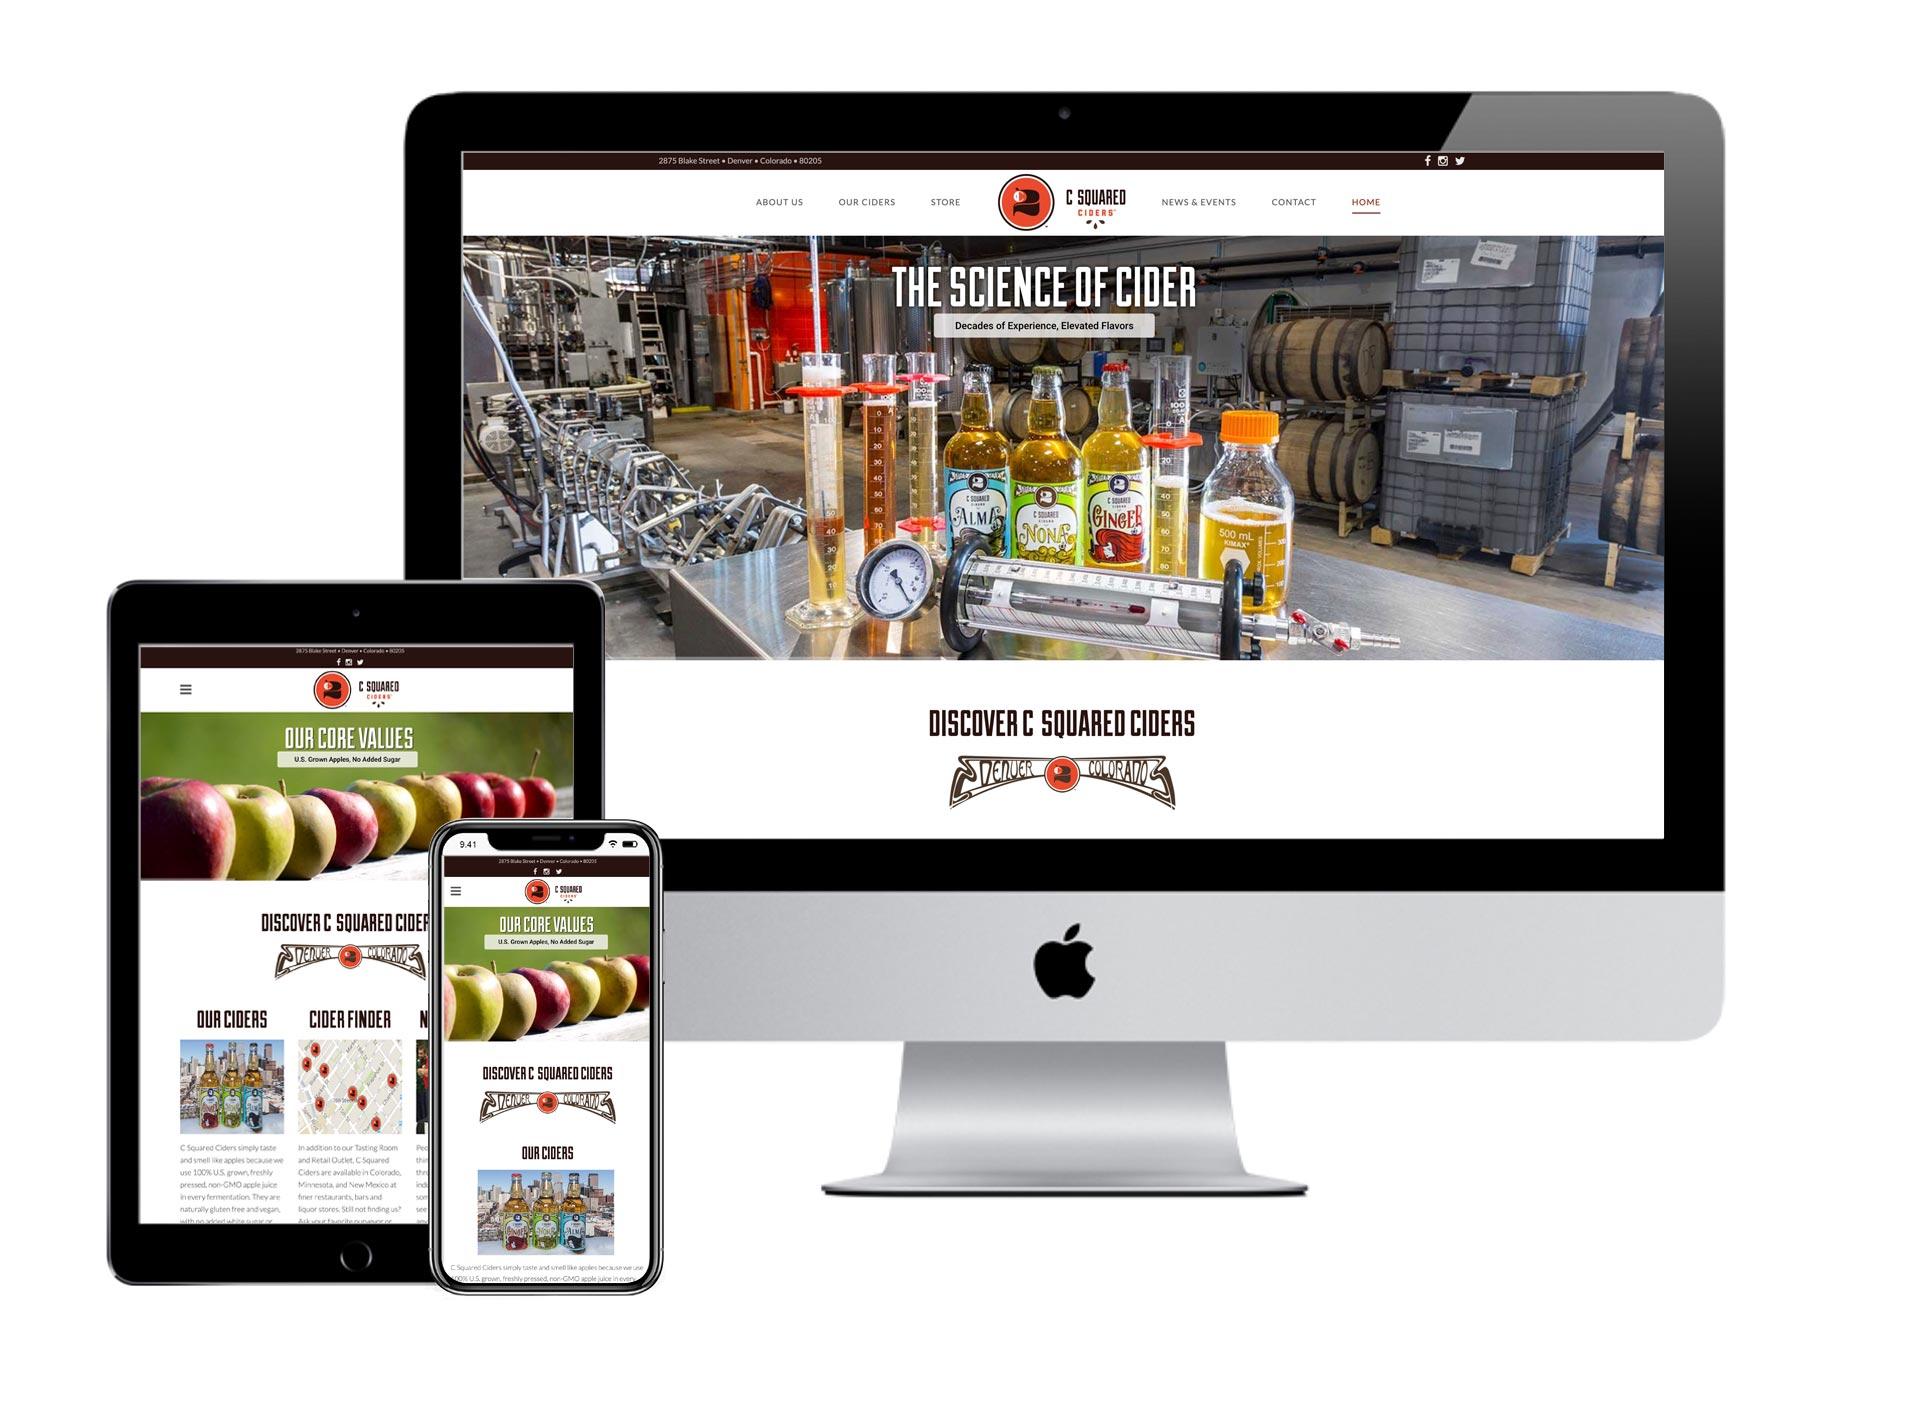 C Squared Ciders Website